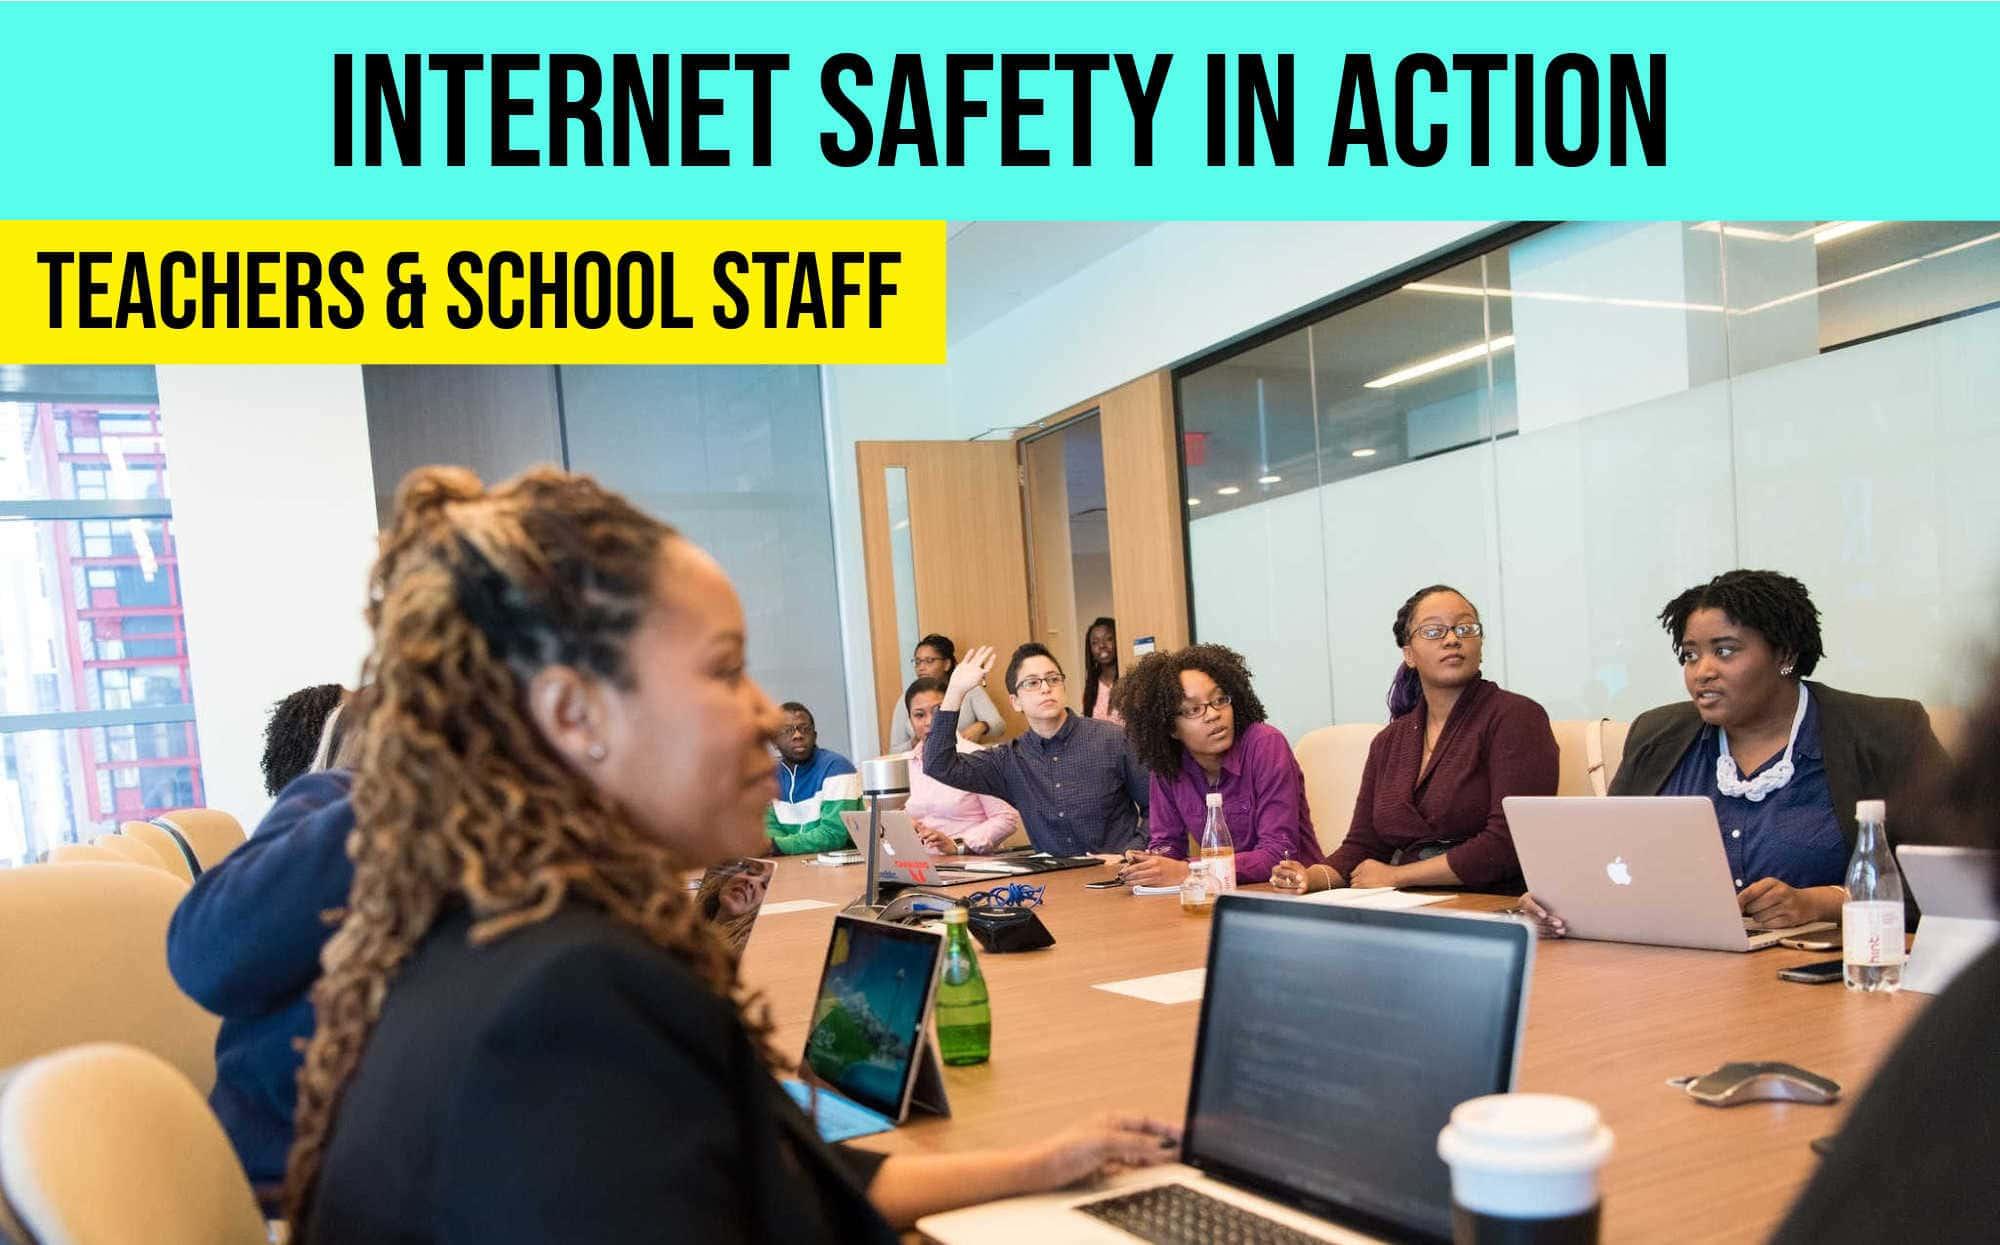 online safety teacher training